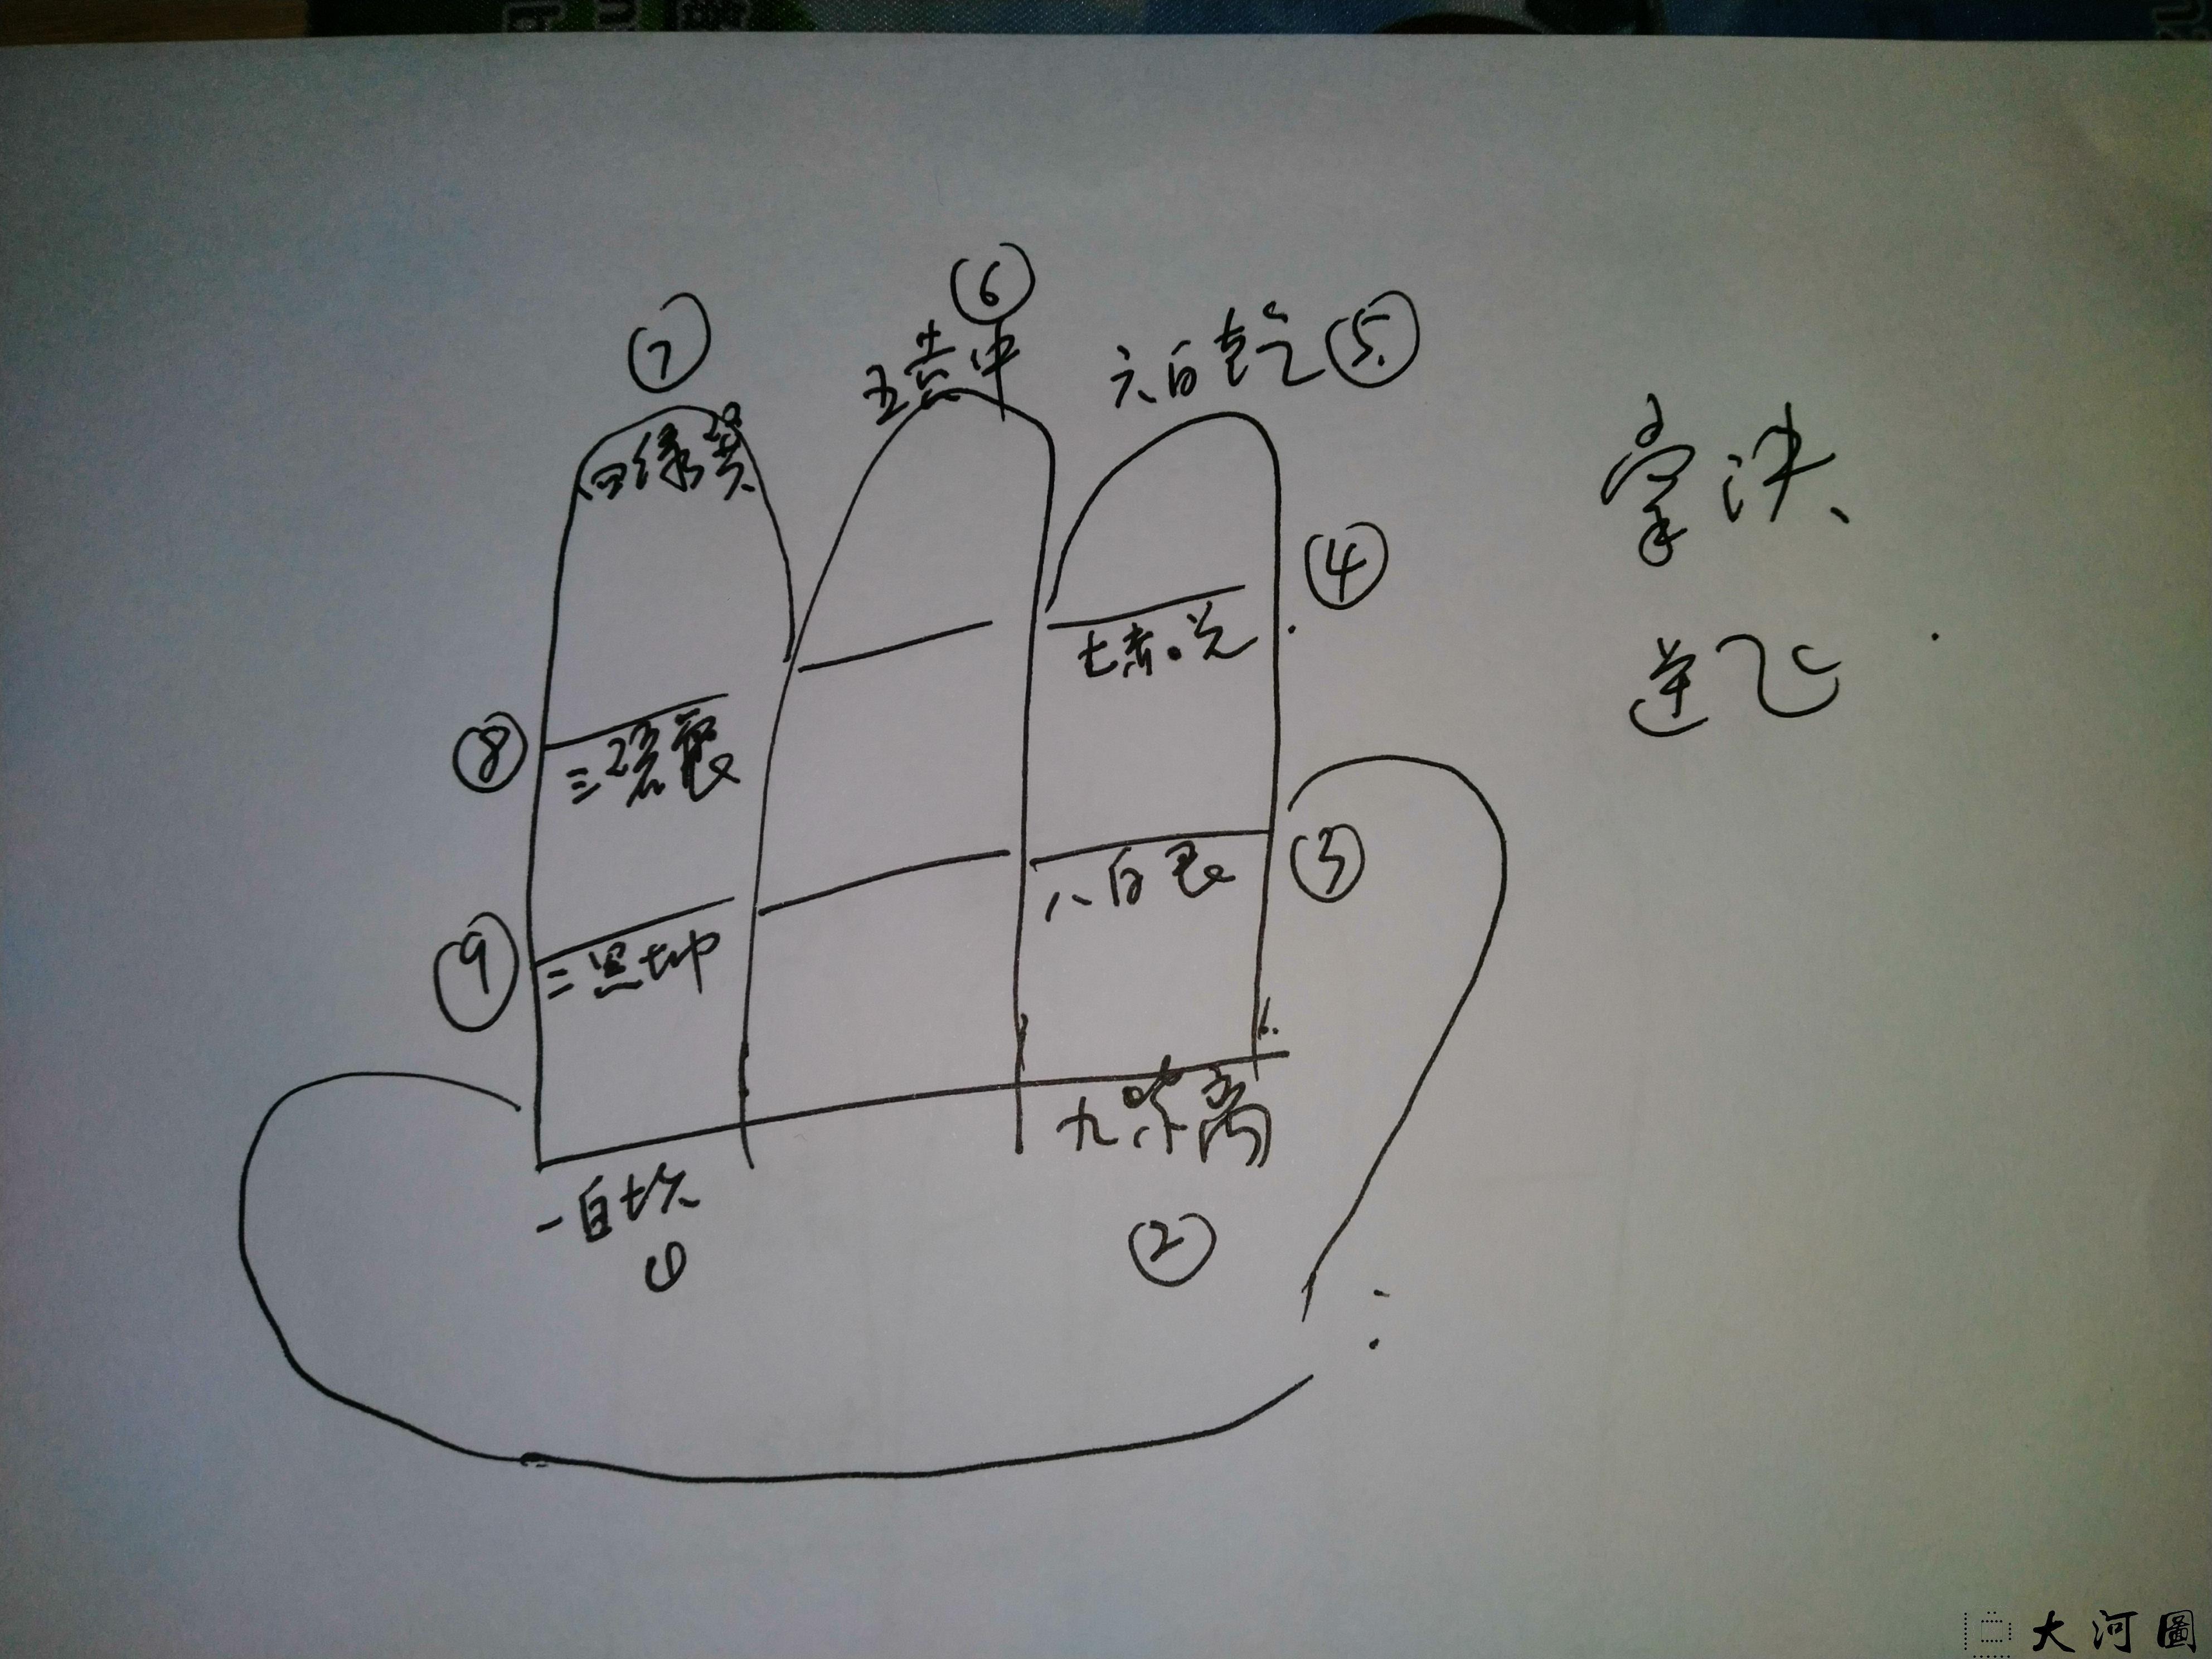 值年飞星的计算方法 值月飞星的计算方法公式